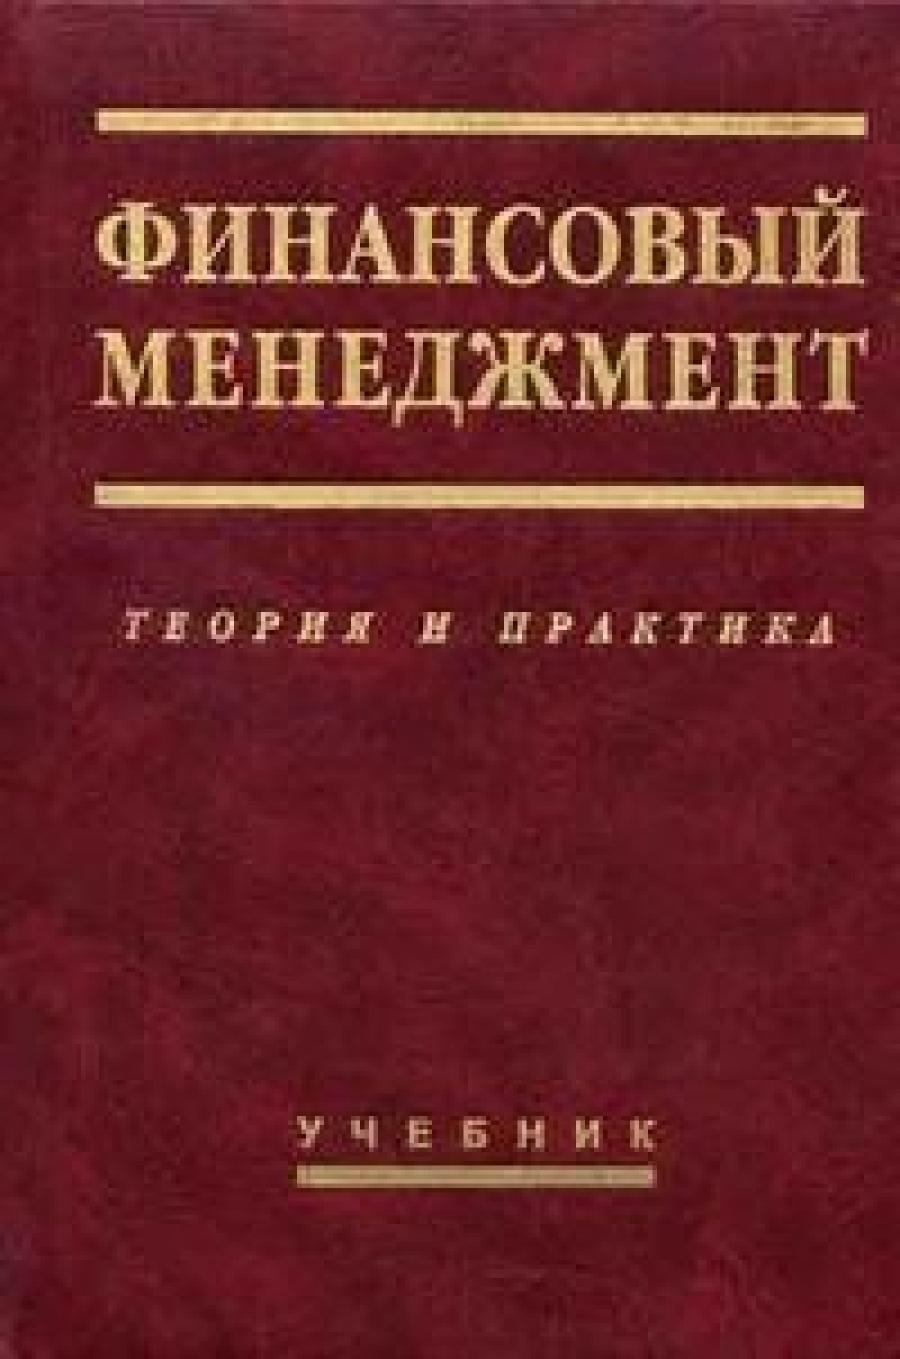 Обложка книги:  владимир ковалев - финансовый менеджмент теория и практика